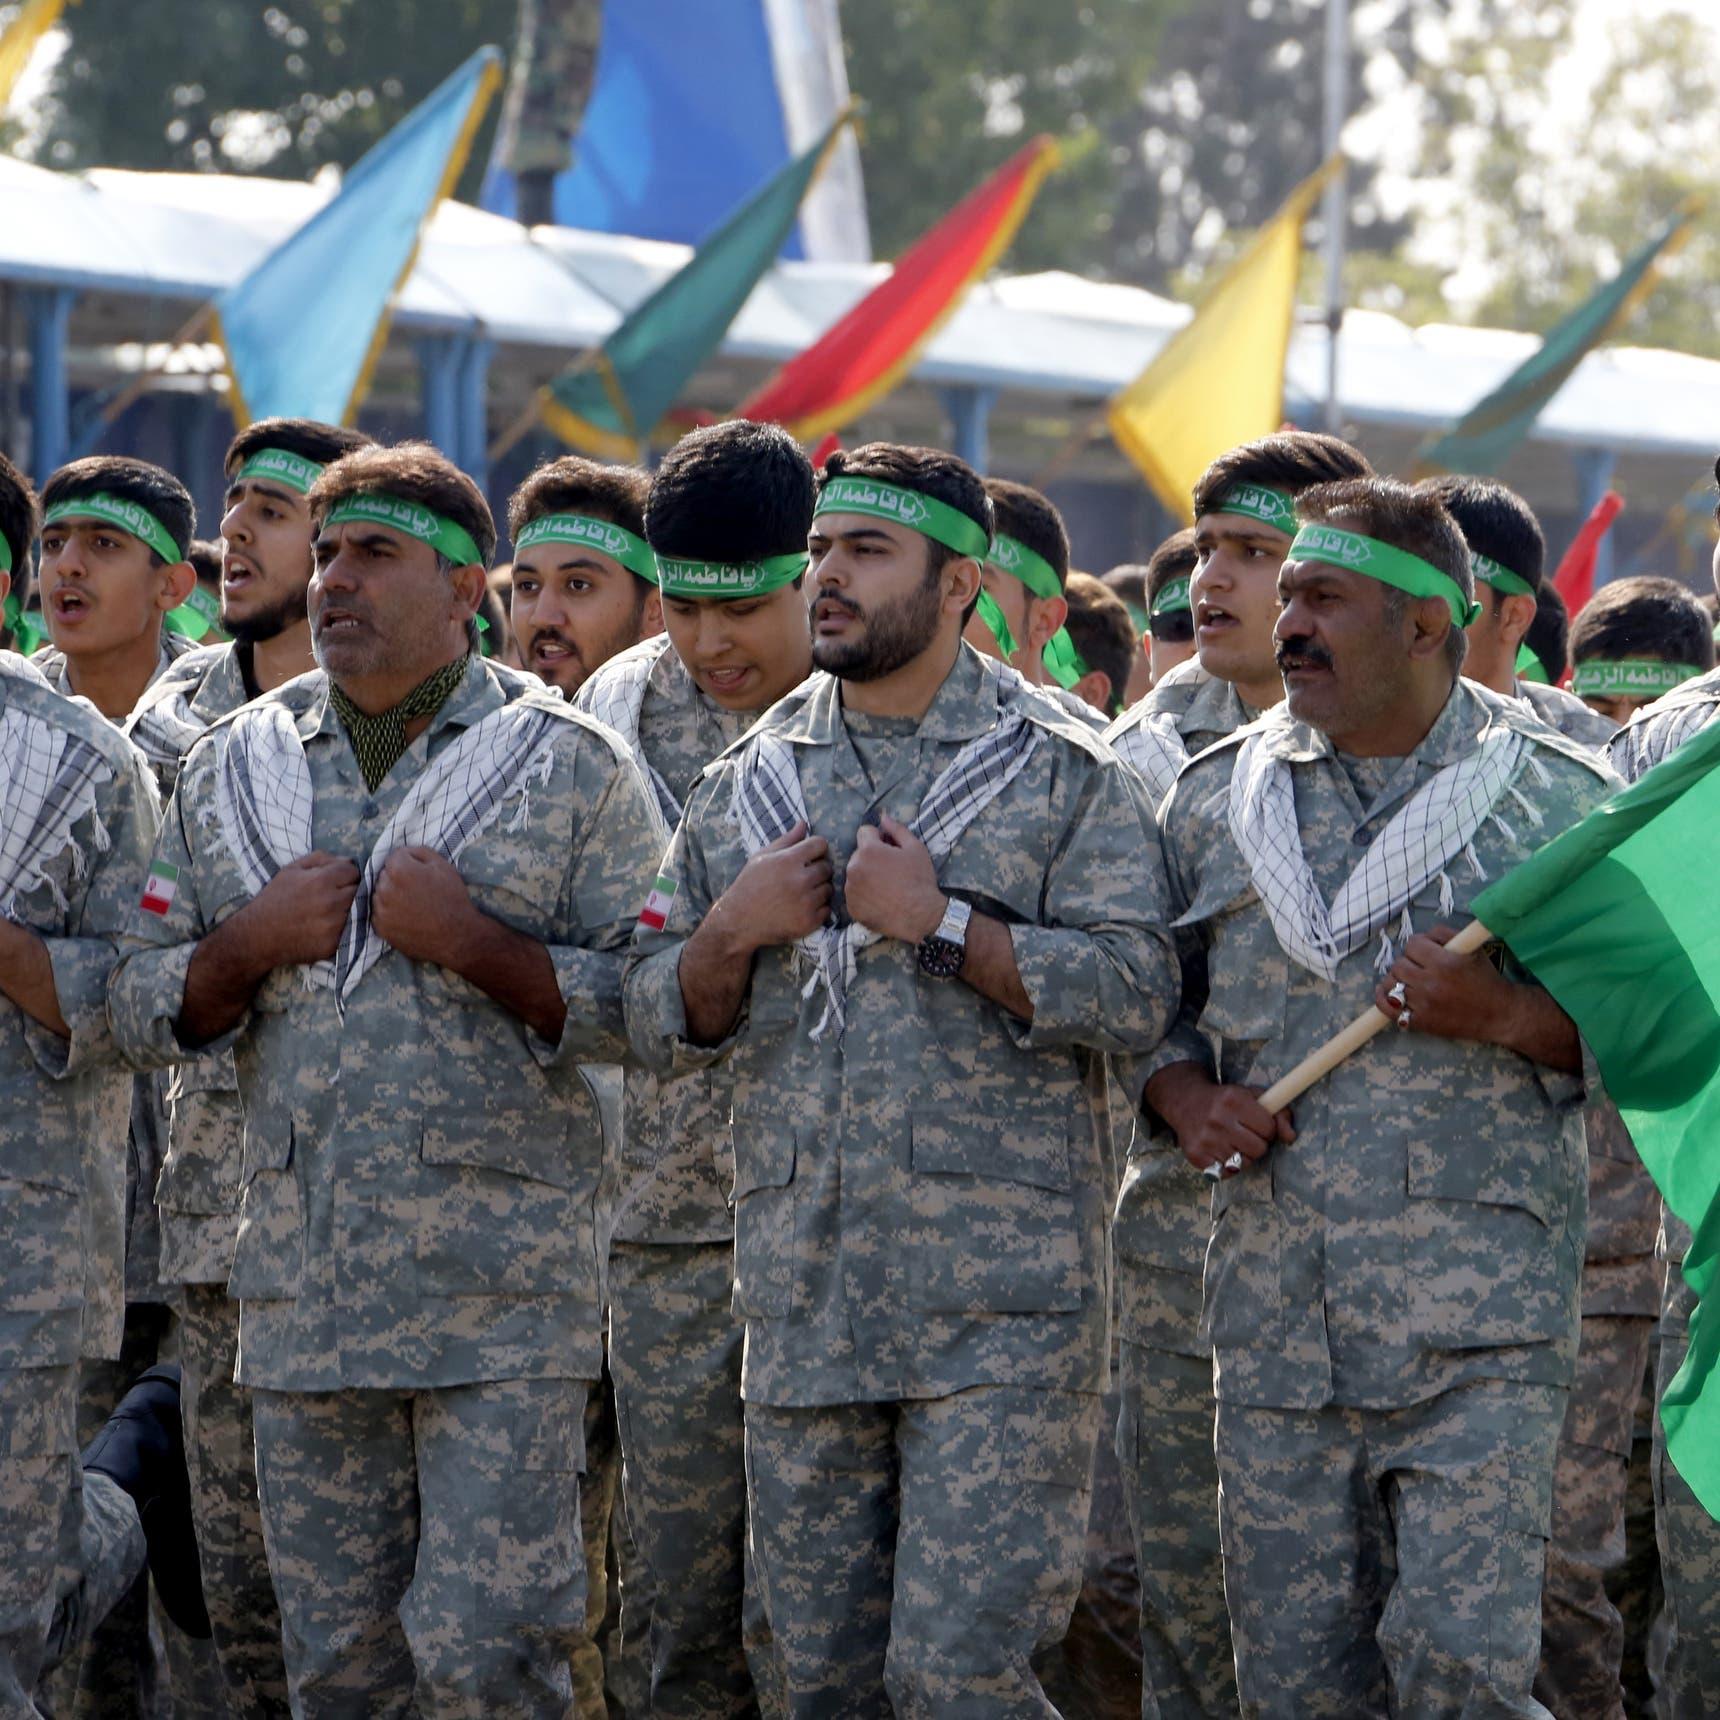 دول الخليج وأميركا تصنف الباسيج الإيرانية وداعميها منظمات إرهابية